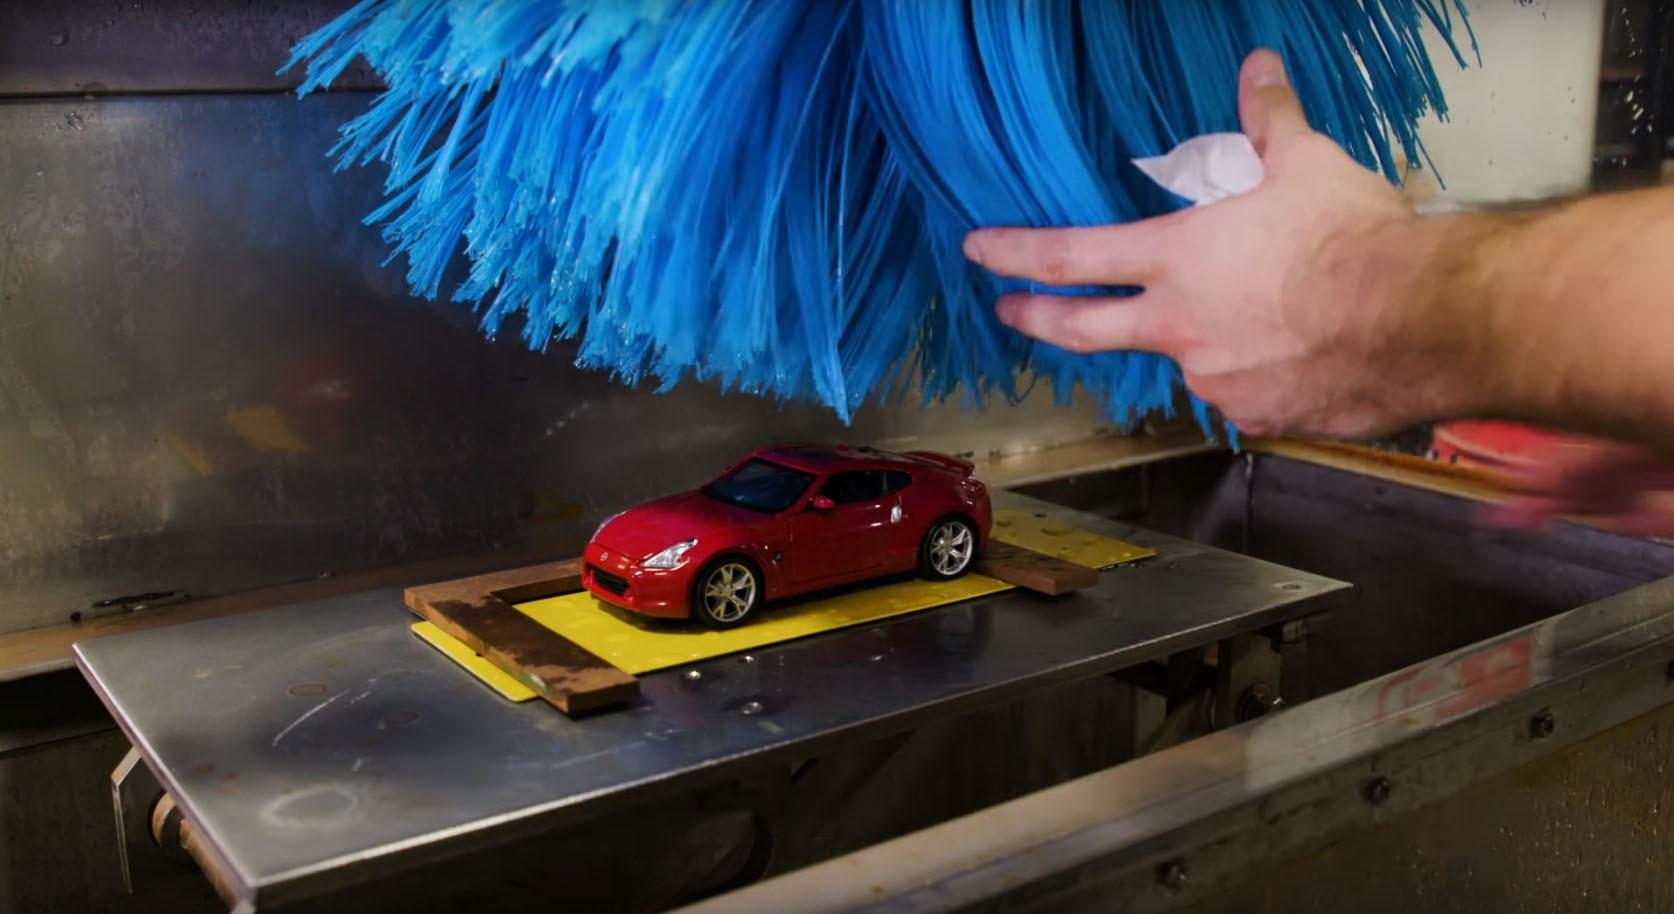 Nissan S Miniature Car Wash Is A Dollhouse For Boys